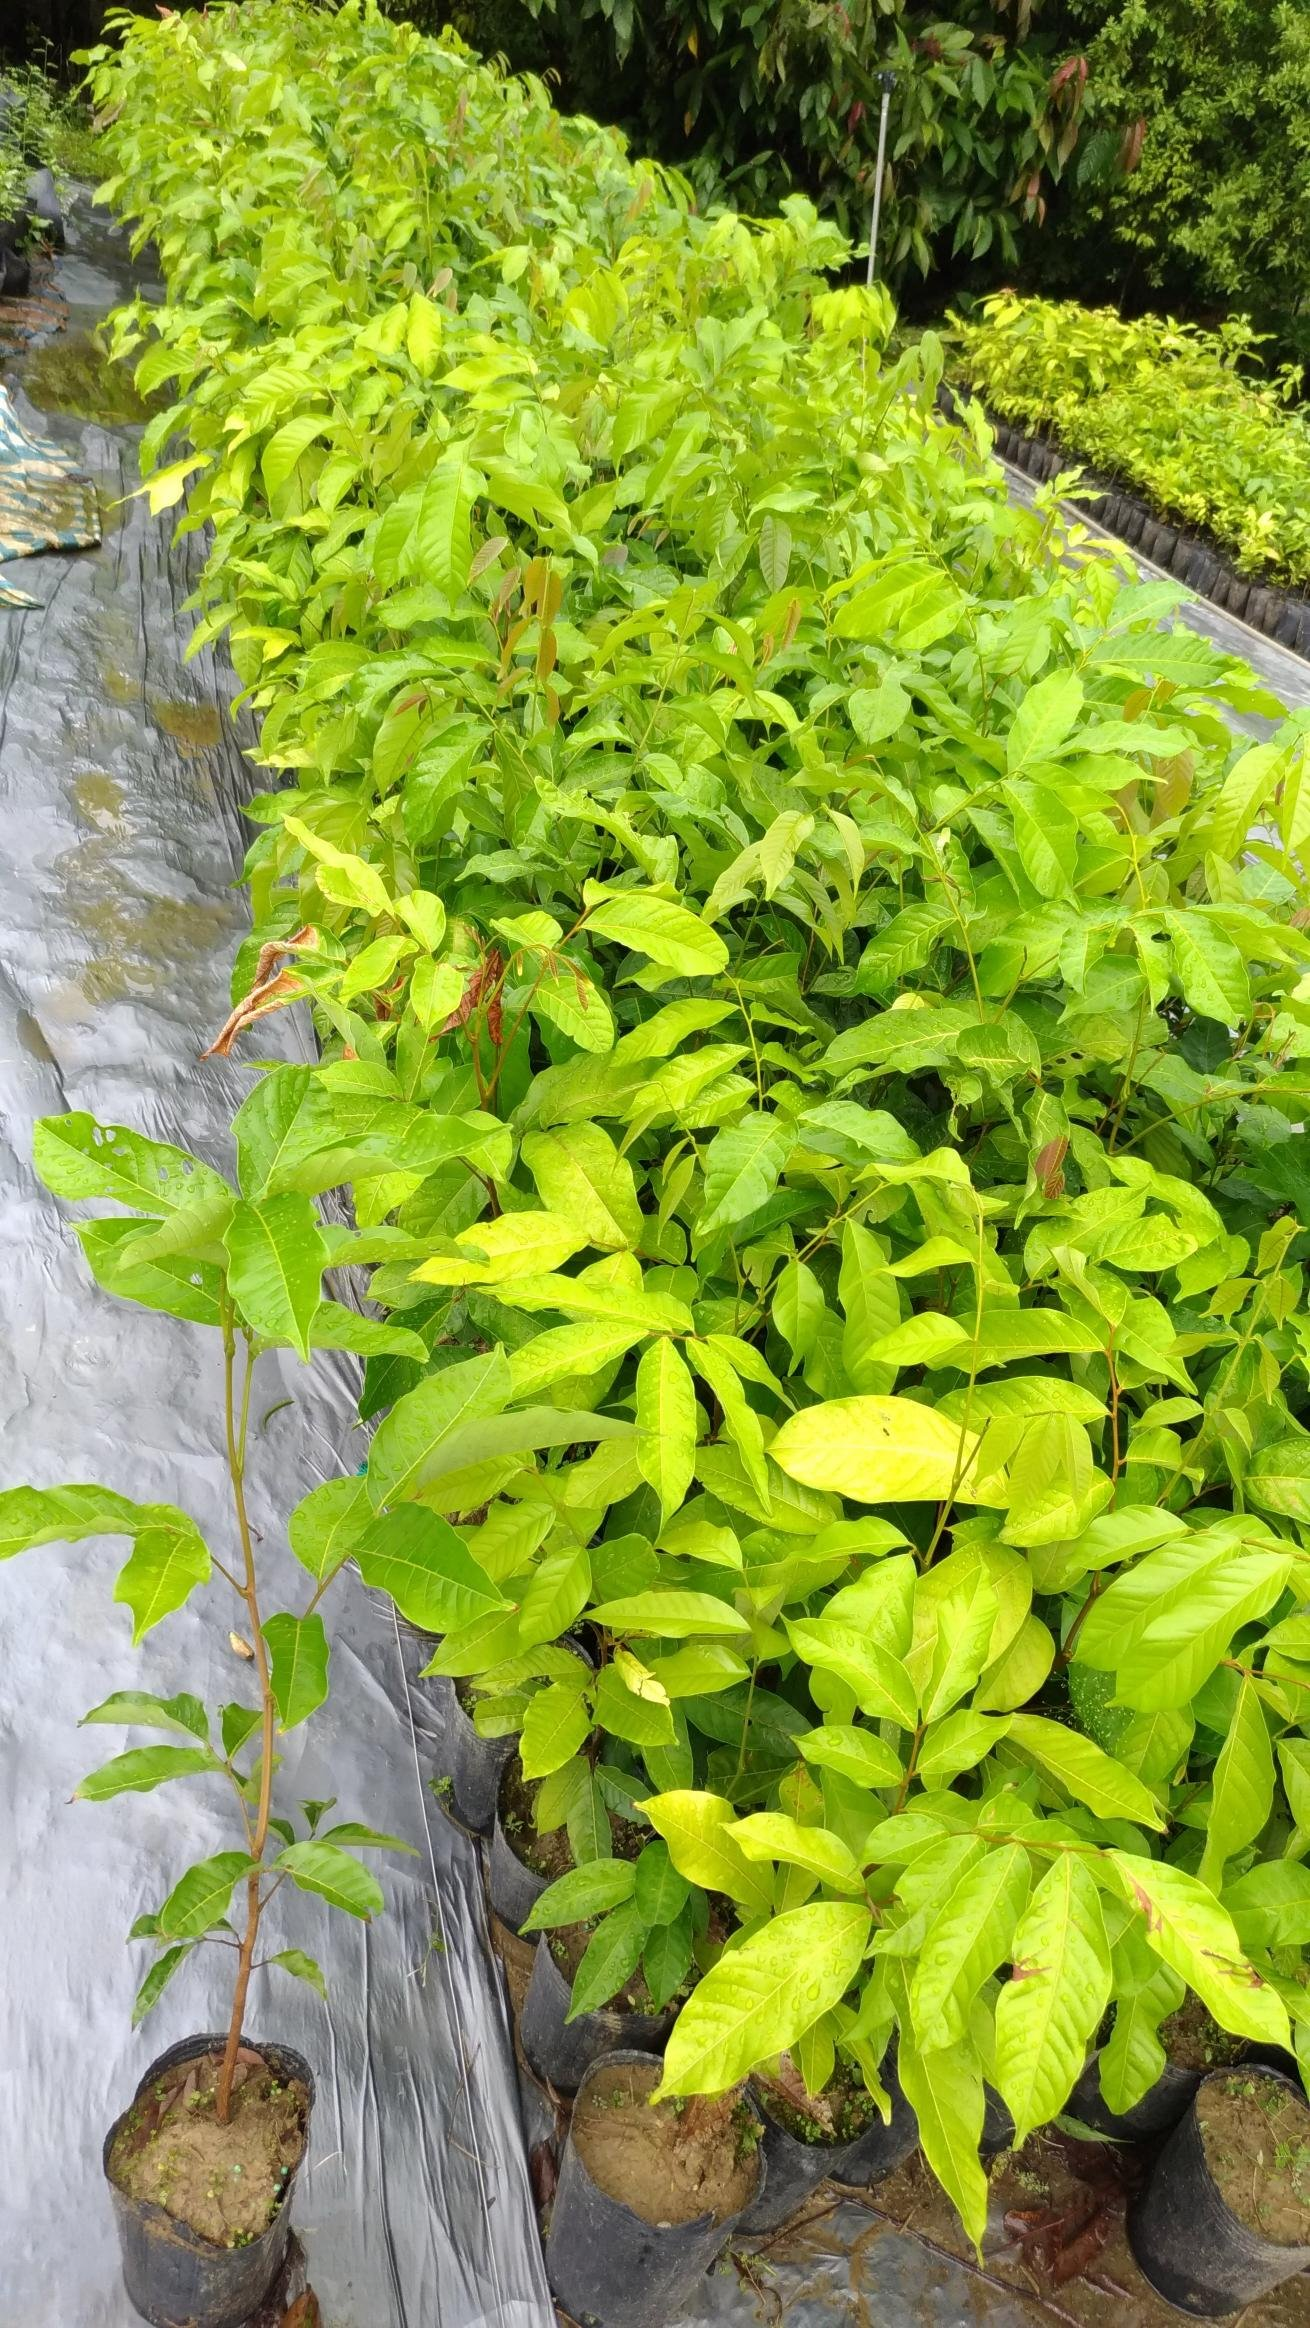 哇沙米園藝#紅毛丹實生苗,夯!高60公分,一箱可裝12株,新竹宅配送可貨到付款。